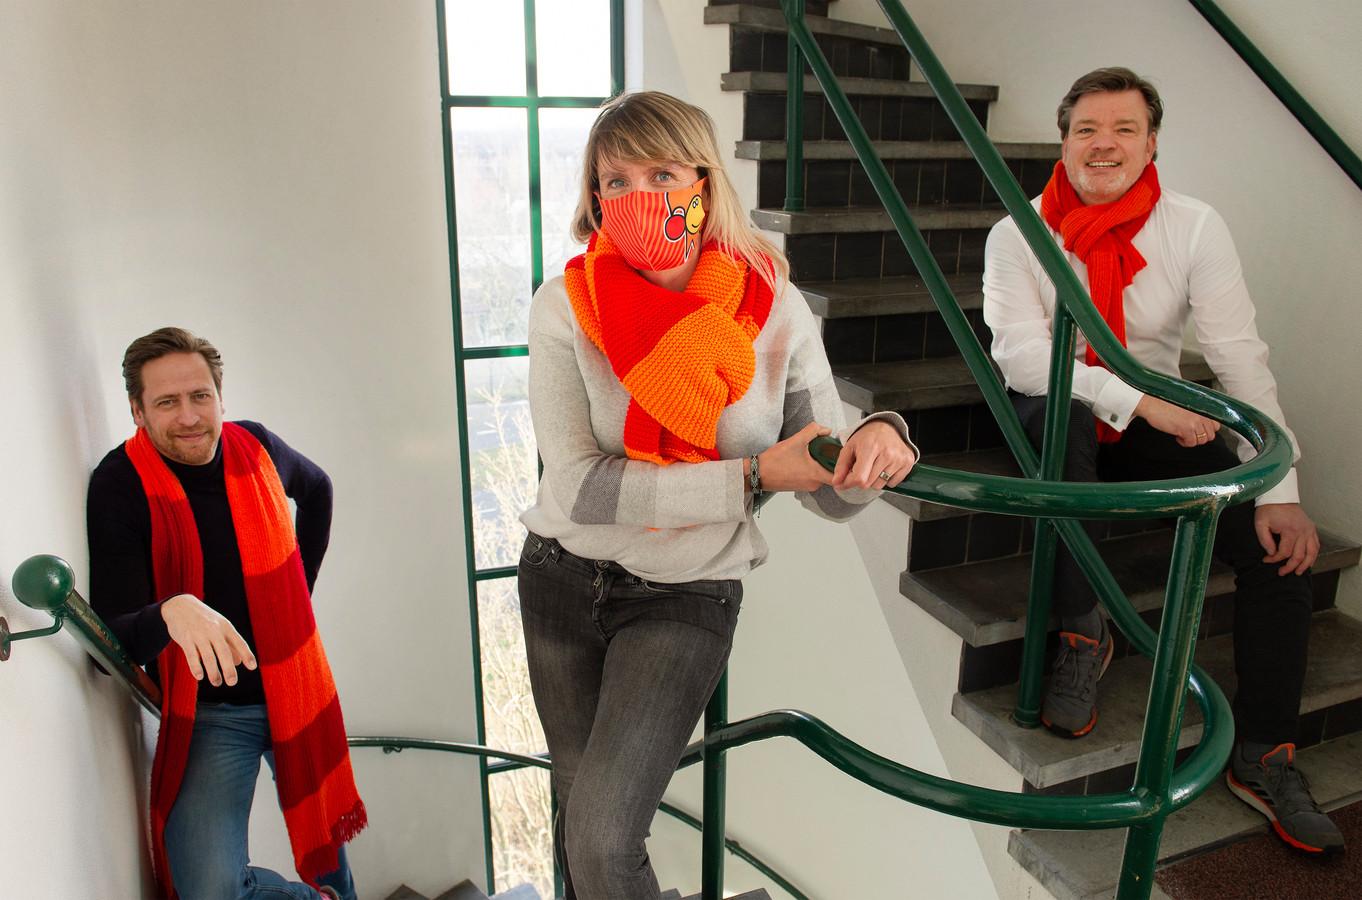 Stichting Kielegat heeft ondanks alles grootse plannen met carnaval. Vlnr: Pim van Bel (sjef creative denktank), Anouk Bakkers (sjef pers en promotie) en Lucien Verhoef (voorzitter).